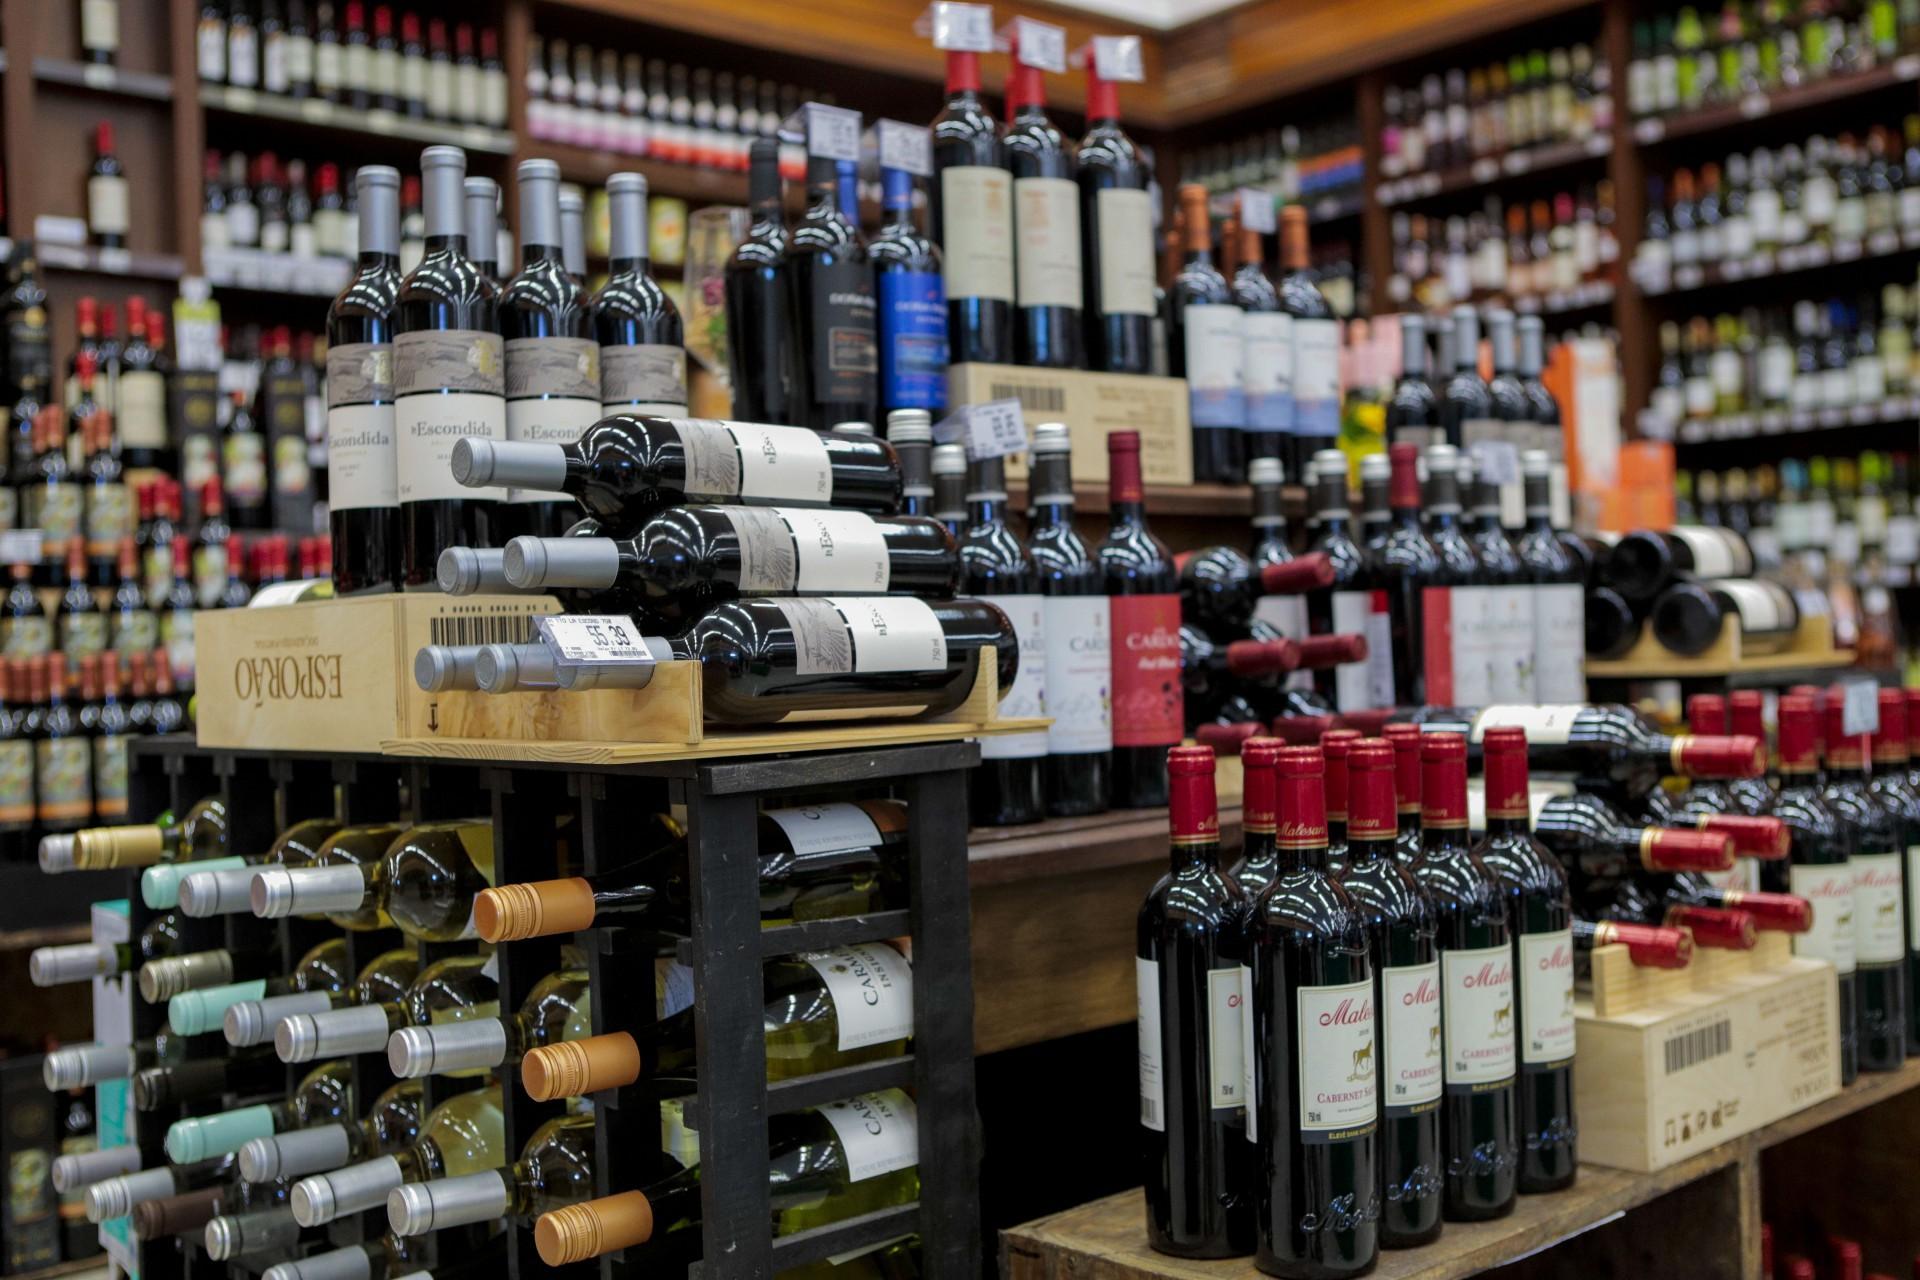 Escolhendo vinhos nos supermercados